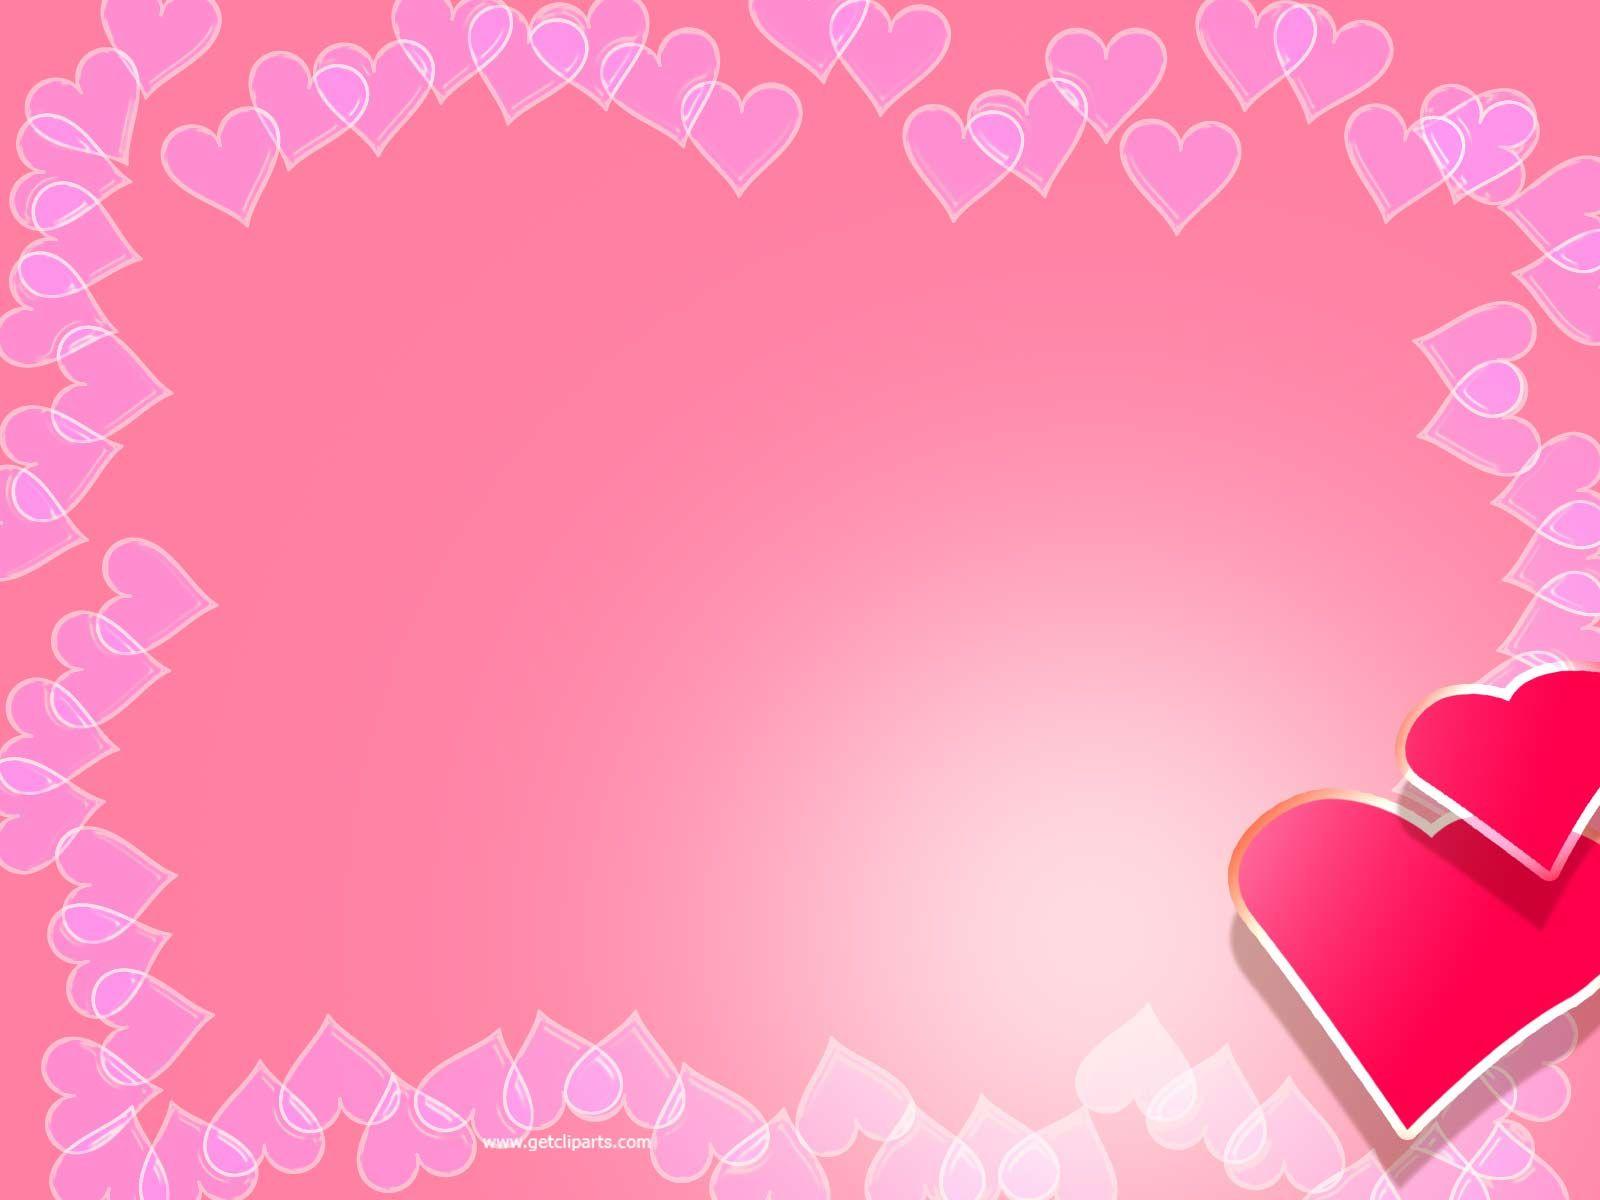 Фон сердечки для открыток, международный день молодежи